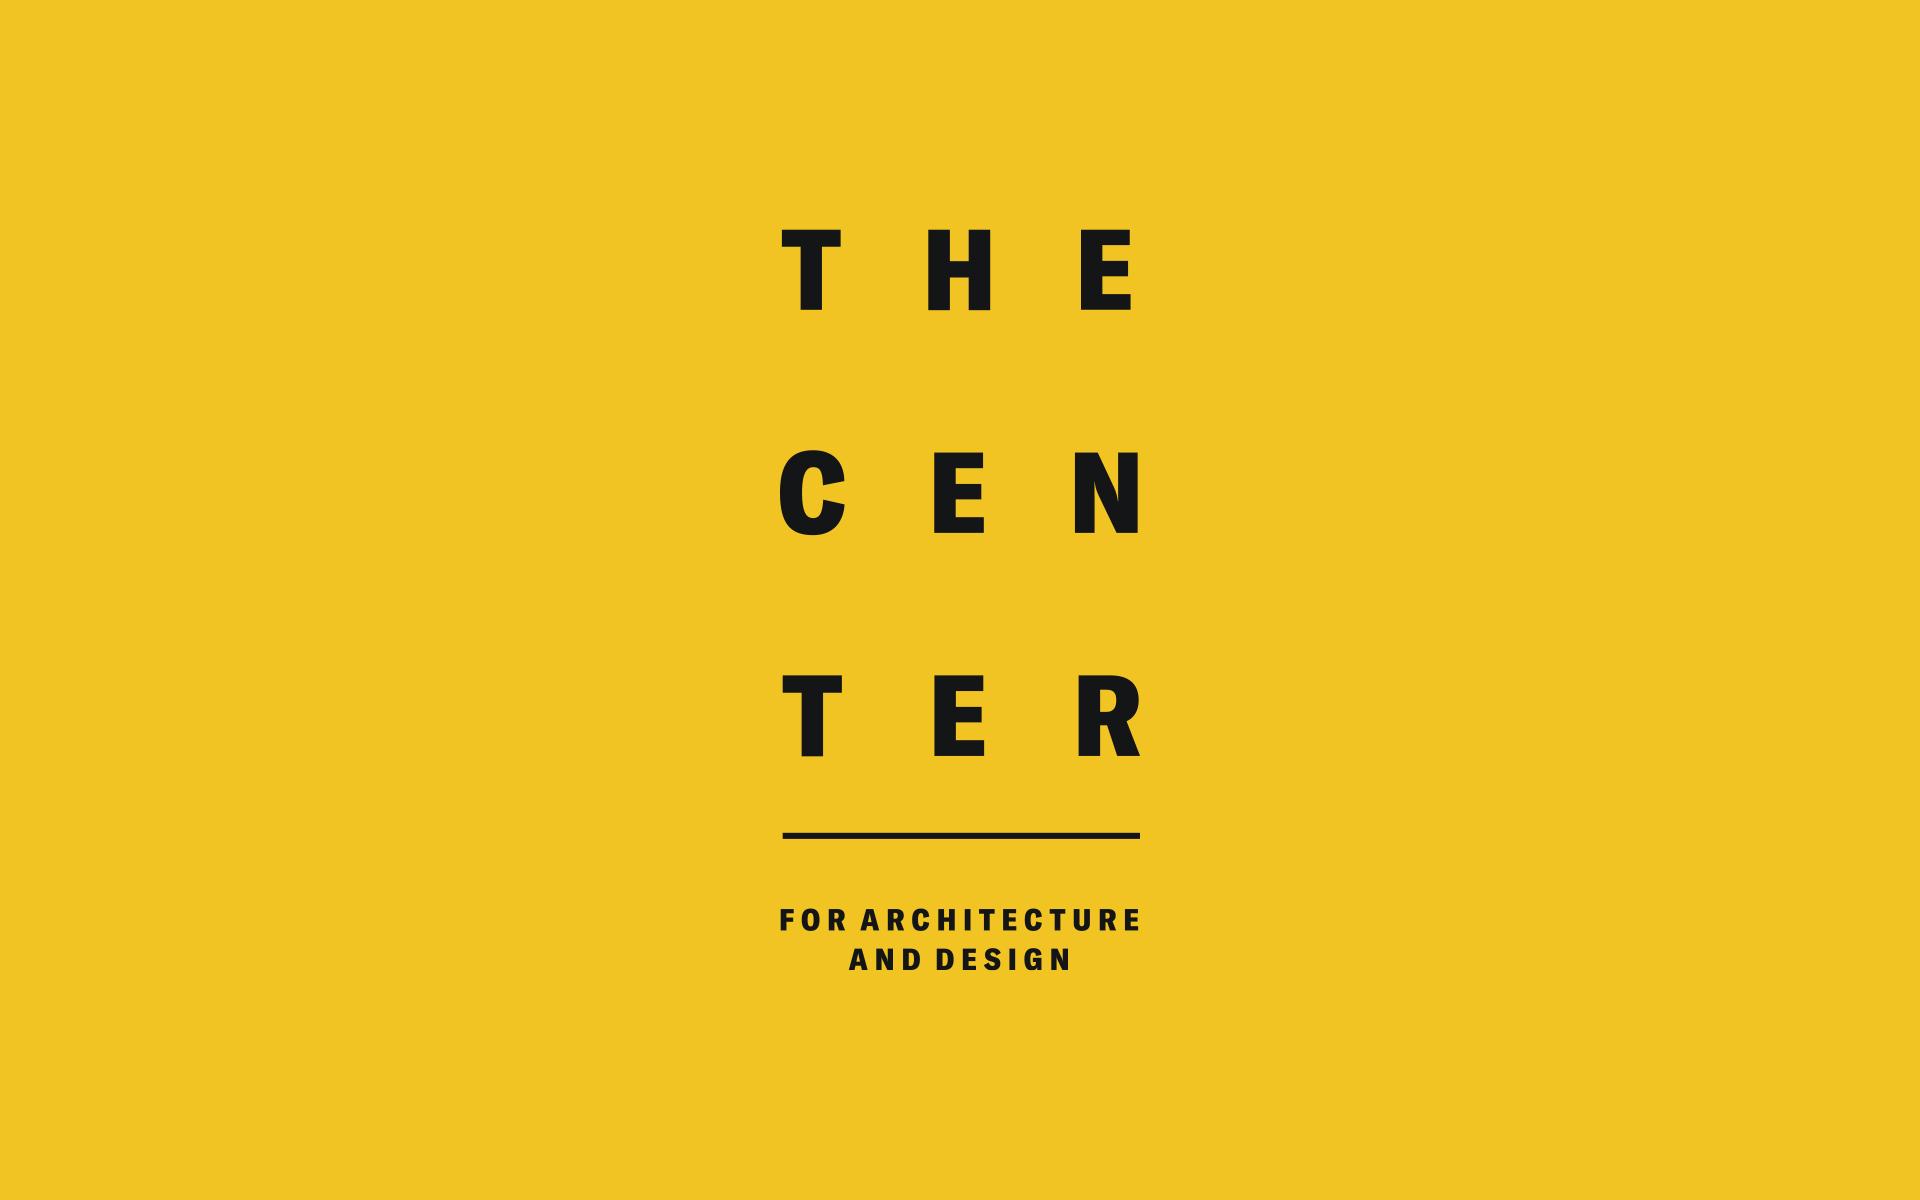 the-center-logo-01-1.1